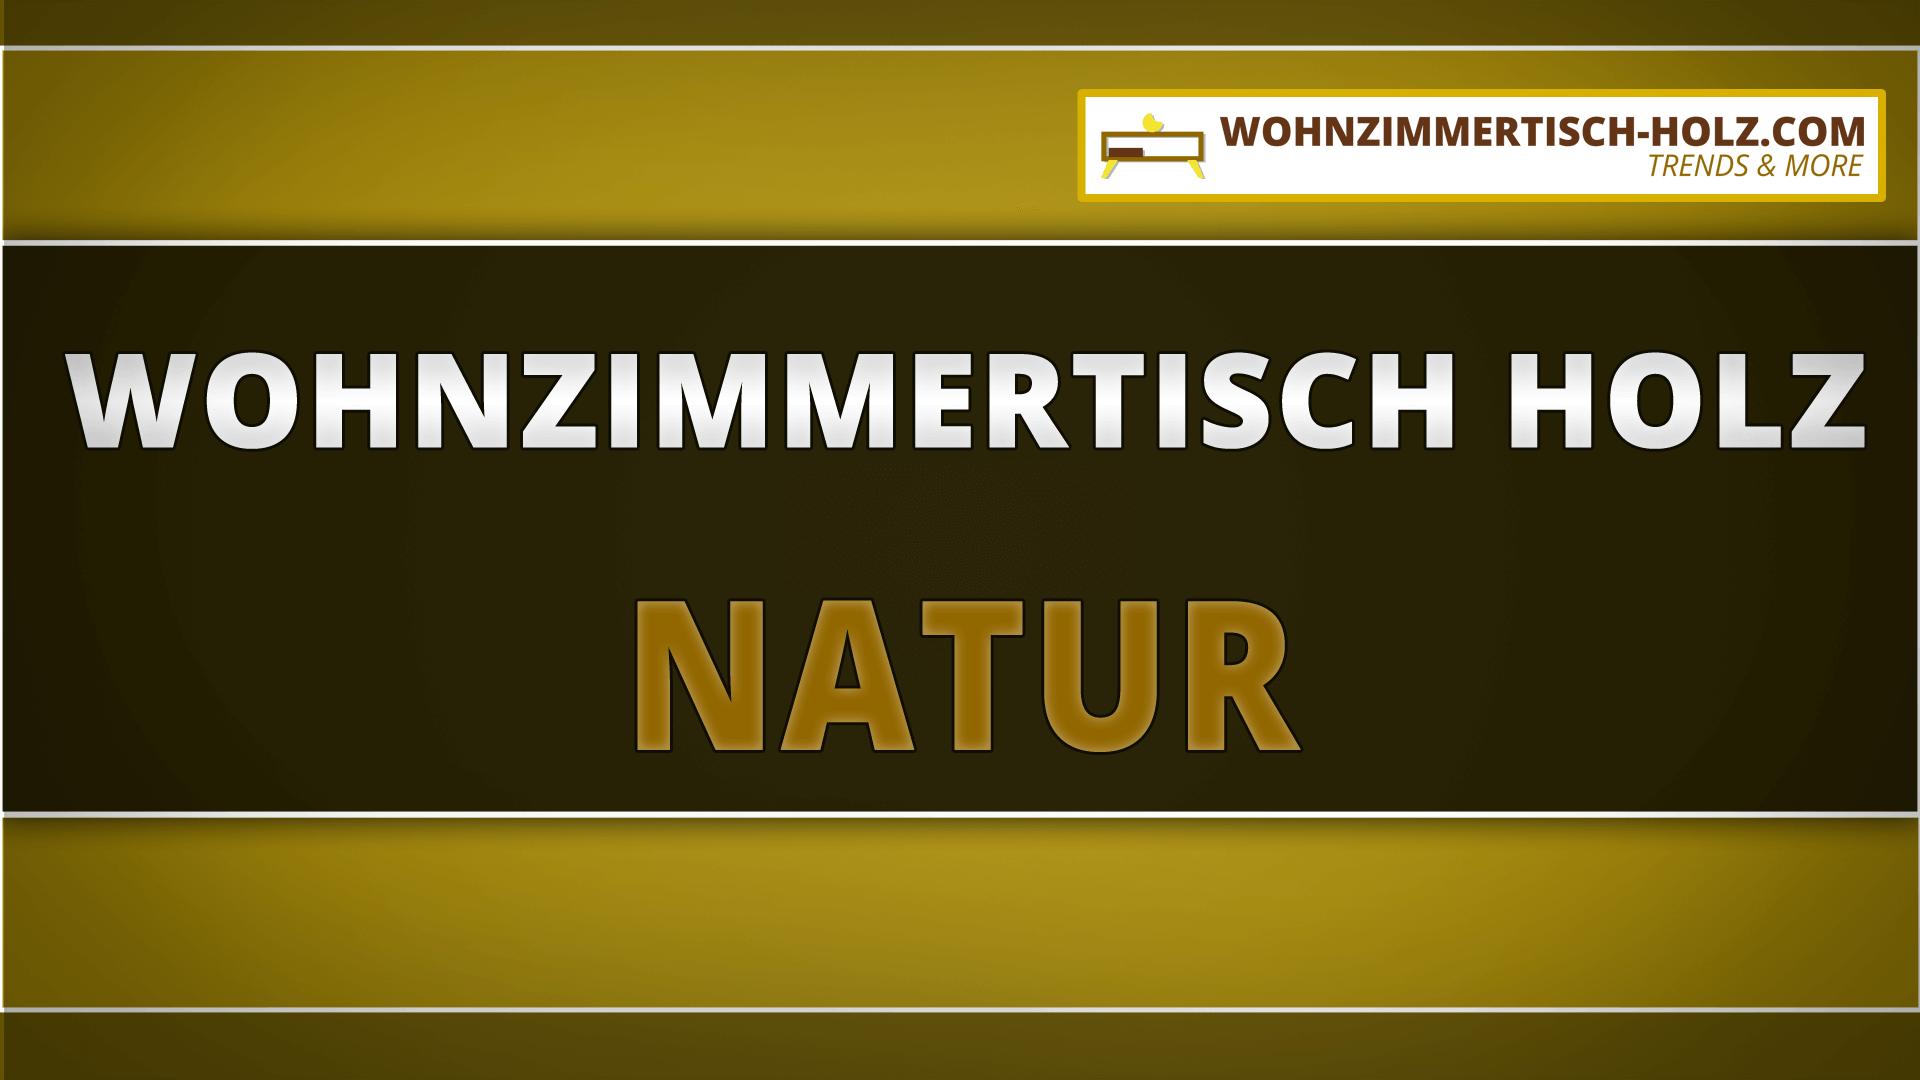 LIIl Wohnzimmertisch Holz Natur Ihr Unabhngiger Ratgeber Fr Wohnzimmertische